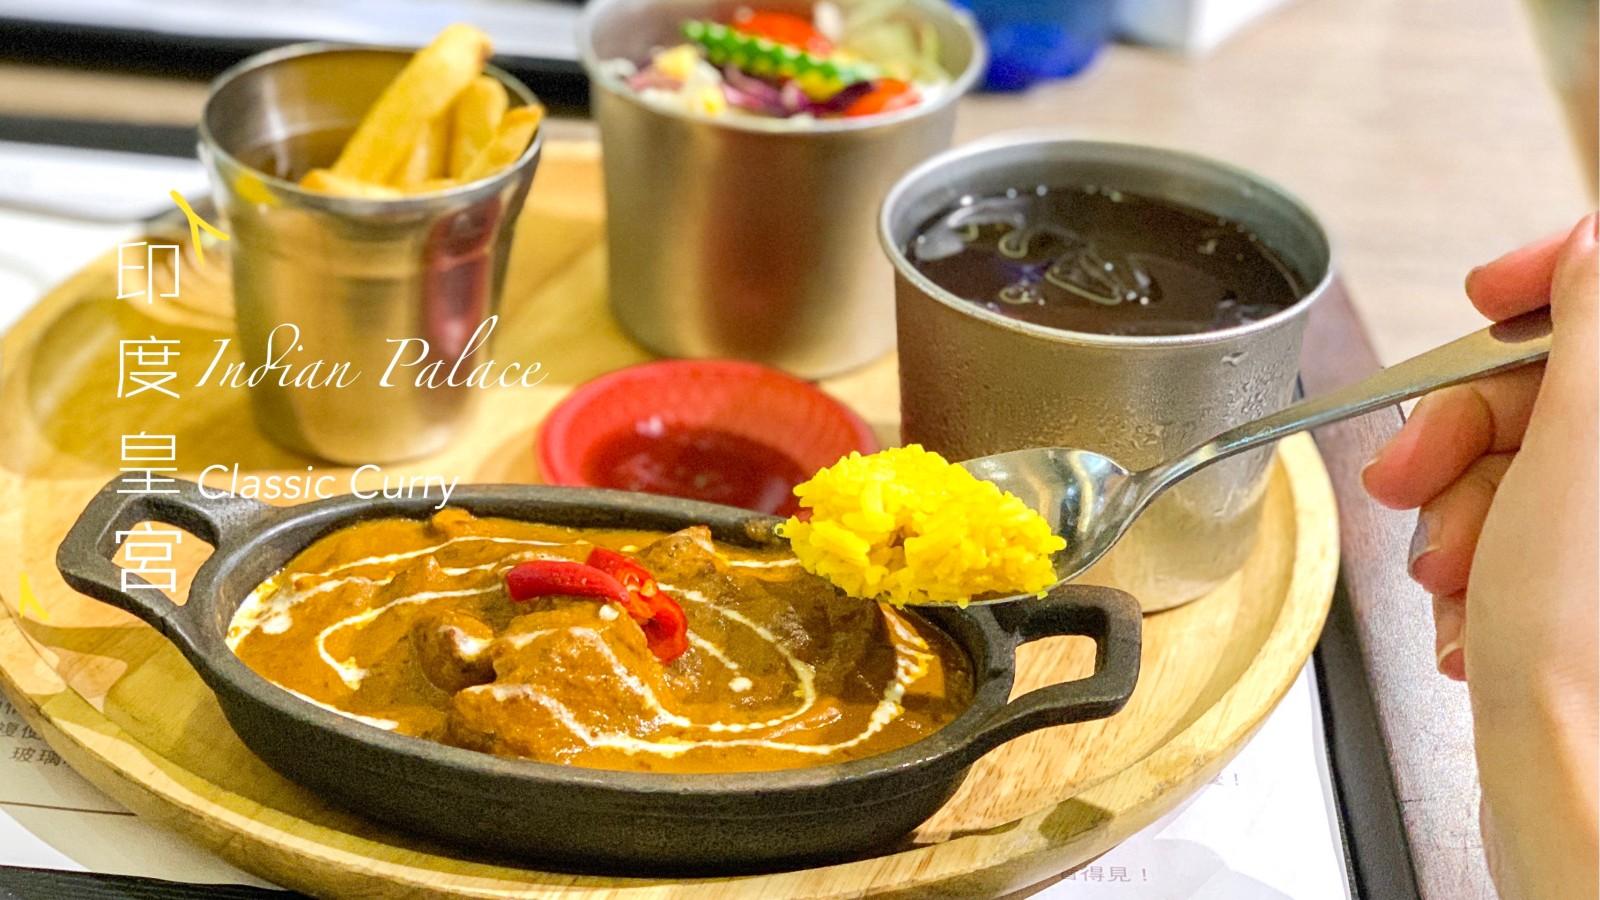 ☆【台北|京站】印度皇宮番茄香料雞咖哩。不能吃辣千萬別亂點XD @凱的日本食尚日記